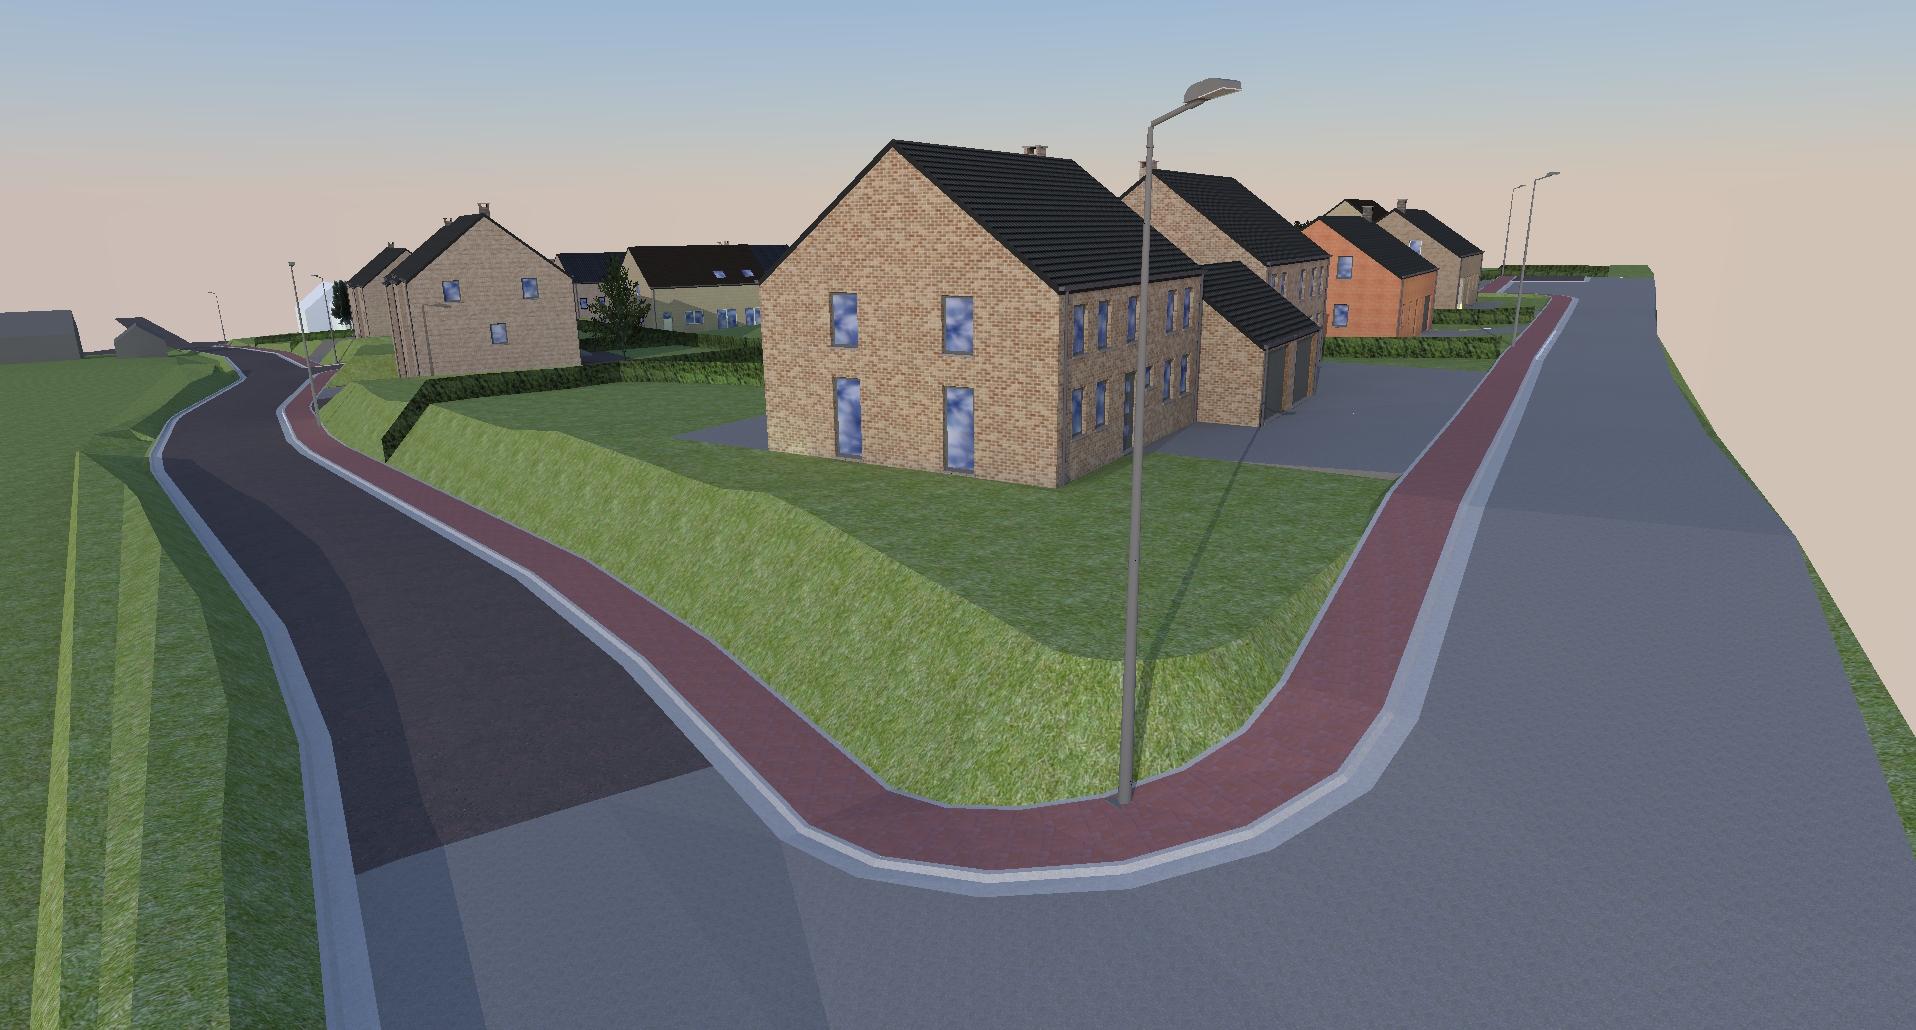 Modélisation 3D d'un projet d'urbanisation à Oupeye